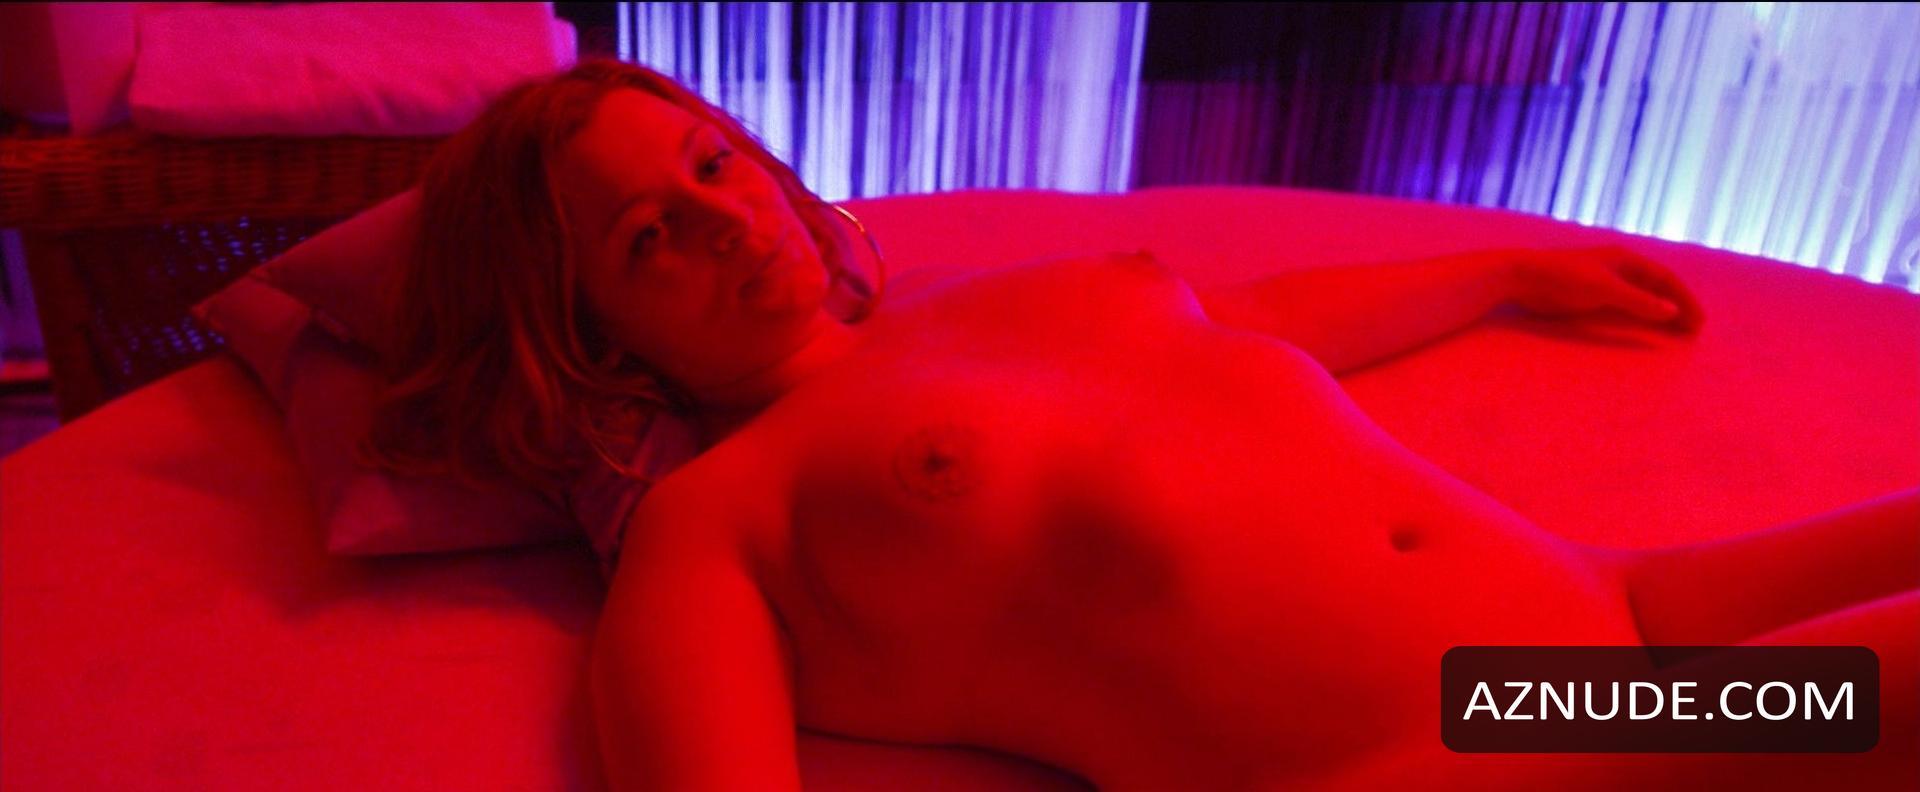 Pornos von fruher think, what